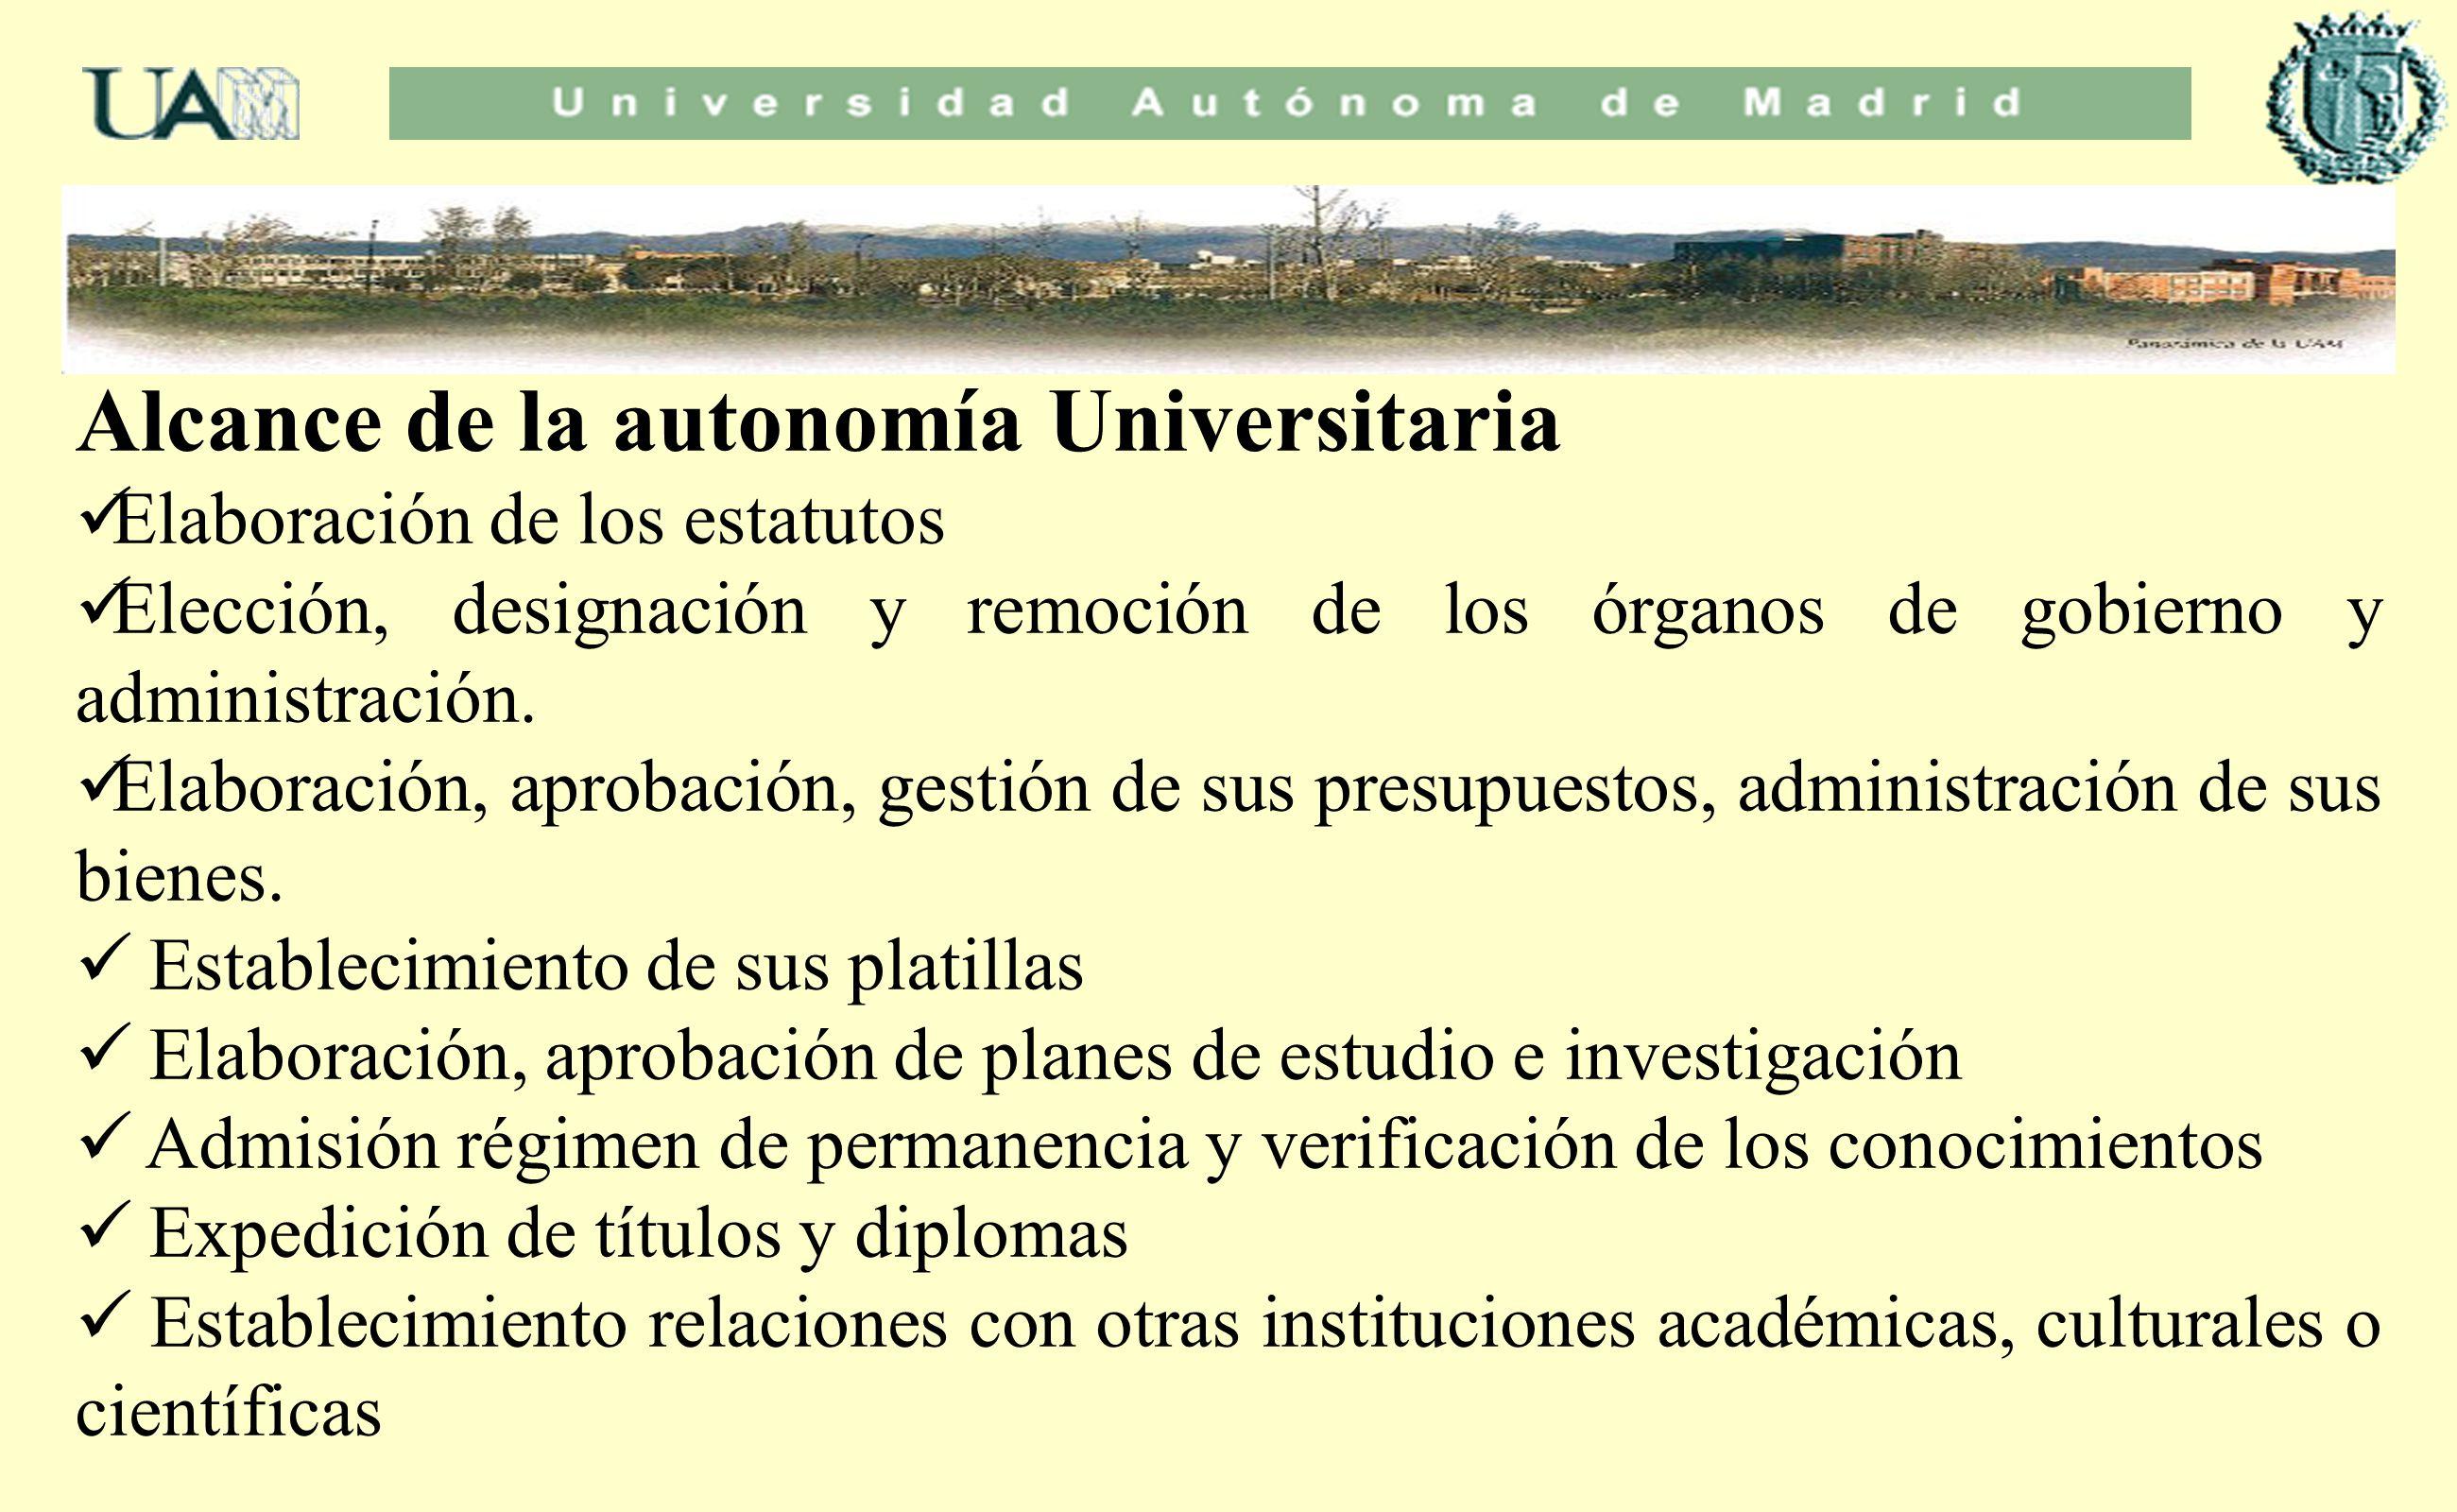 Alcance de la autonomía Universitaria Elaboración de los estatutos Elección, designación y remoción de los órganos de gobierno y administración. Elabo